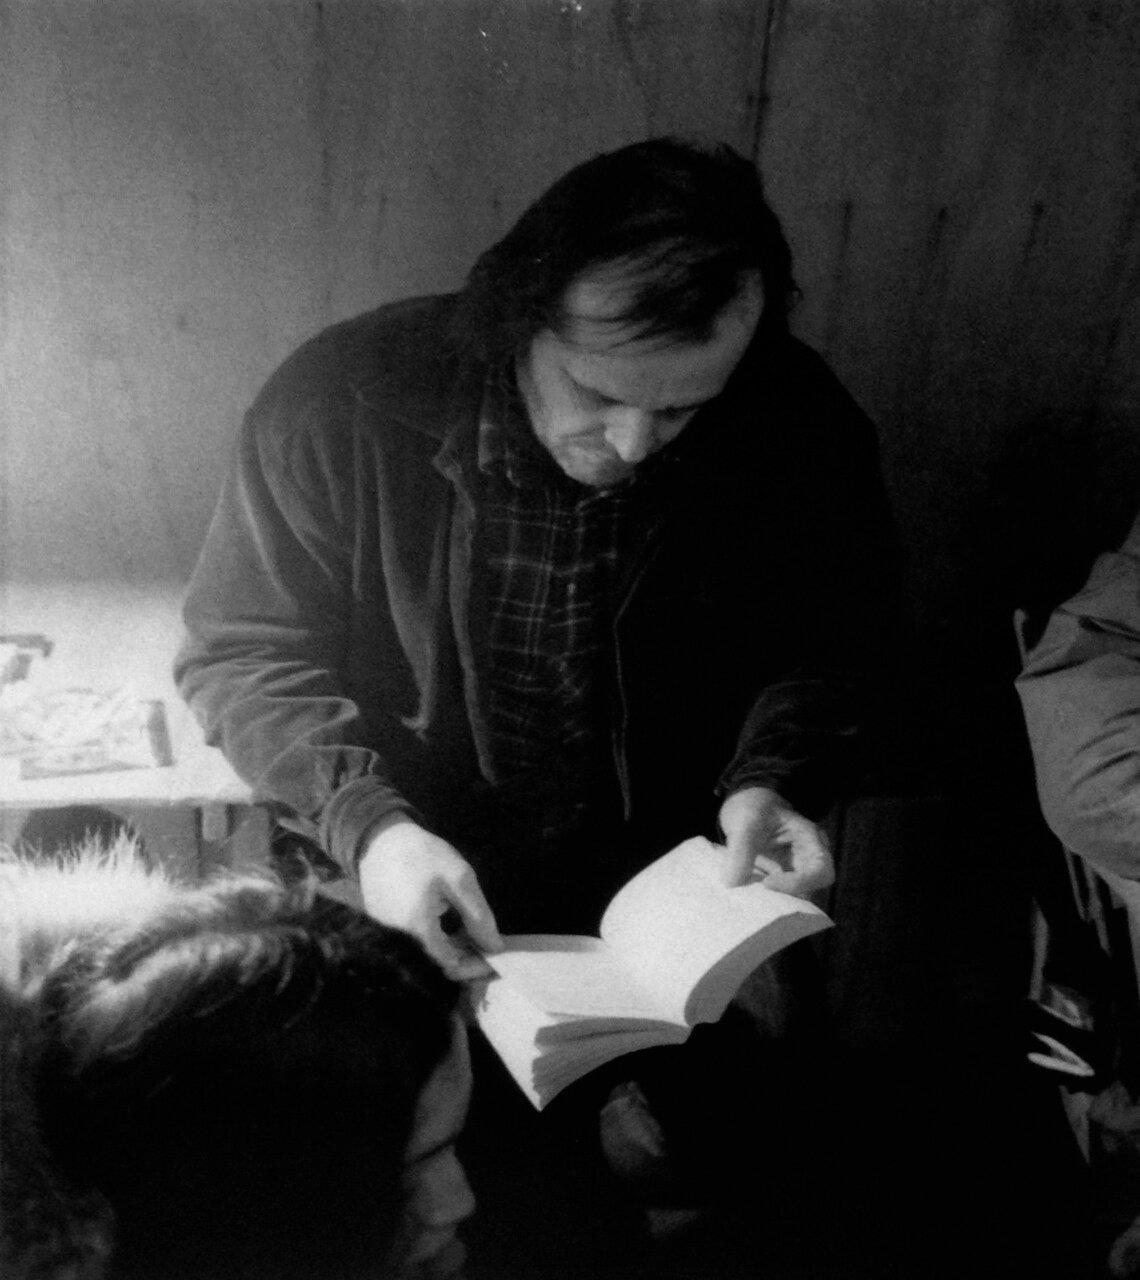 1980. Джек Николсон читает между дублями на съемочной площадке фильма «Сияние»